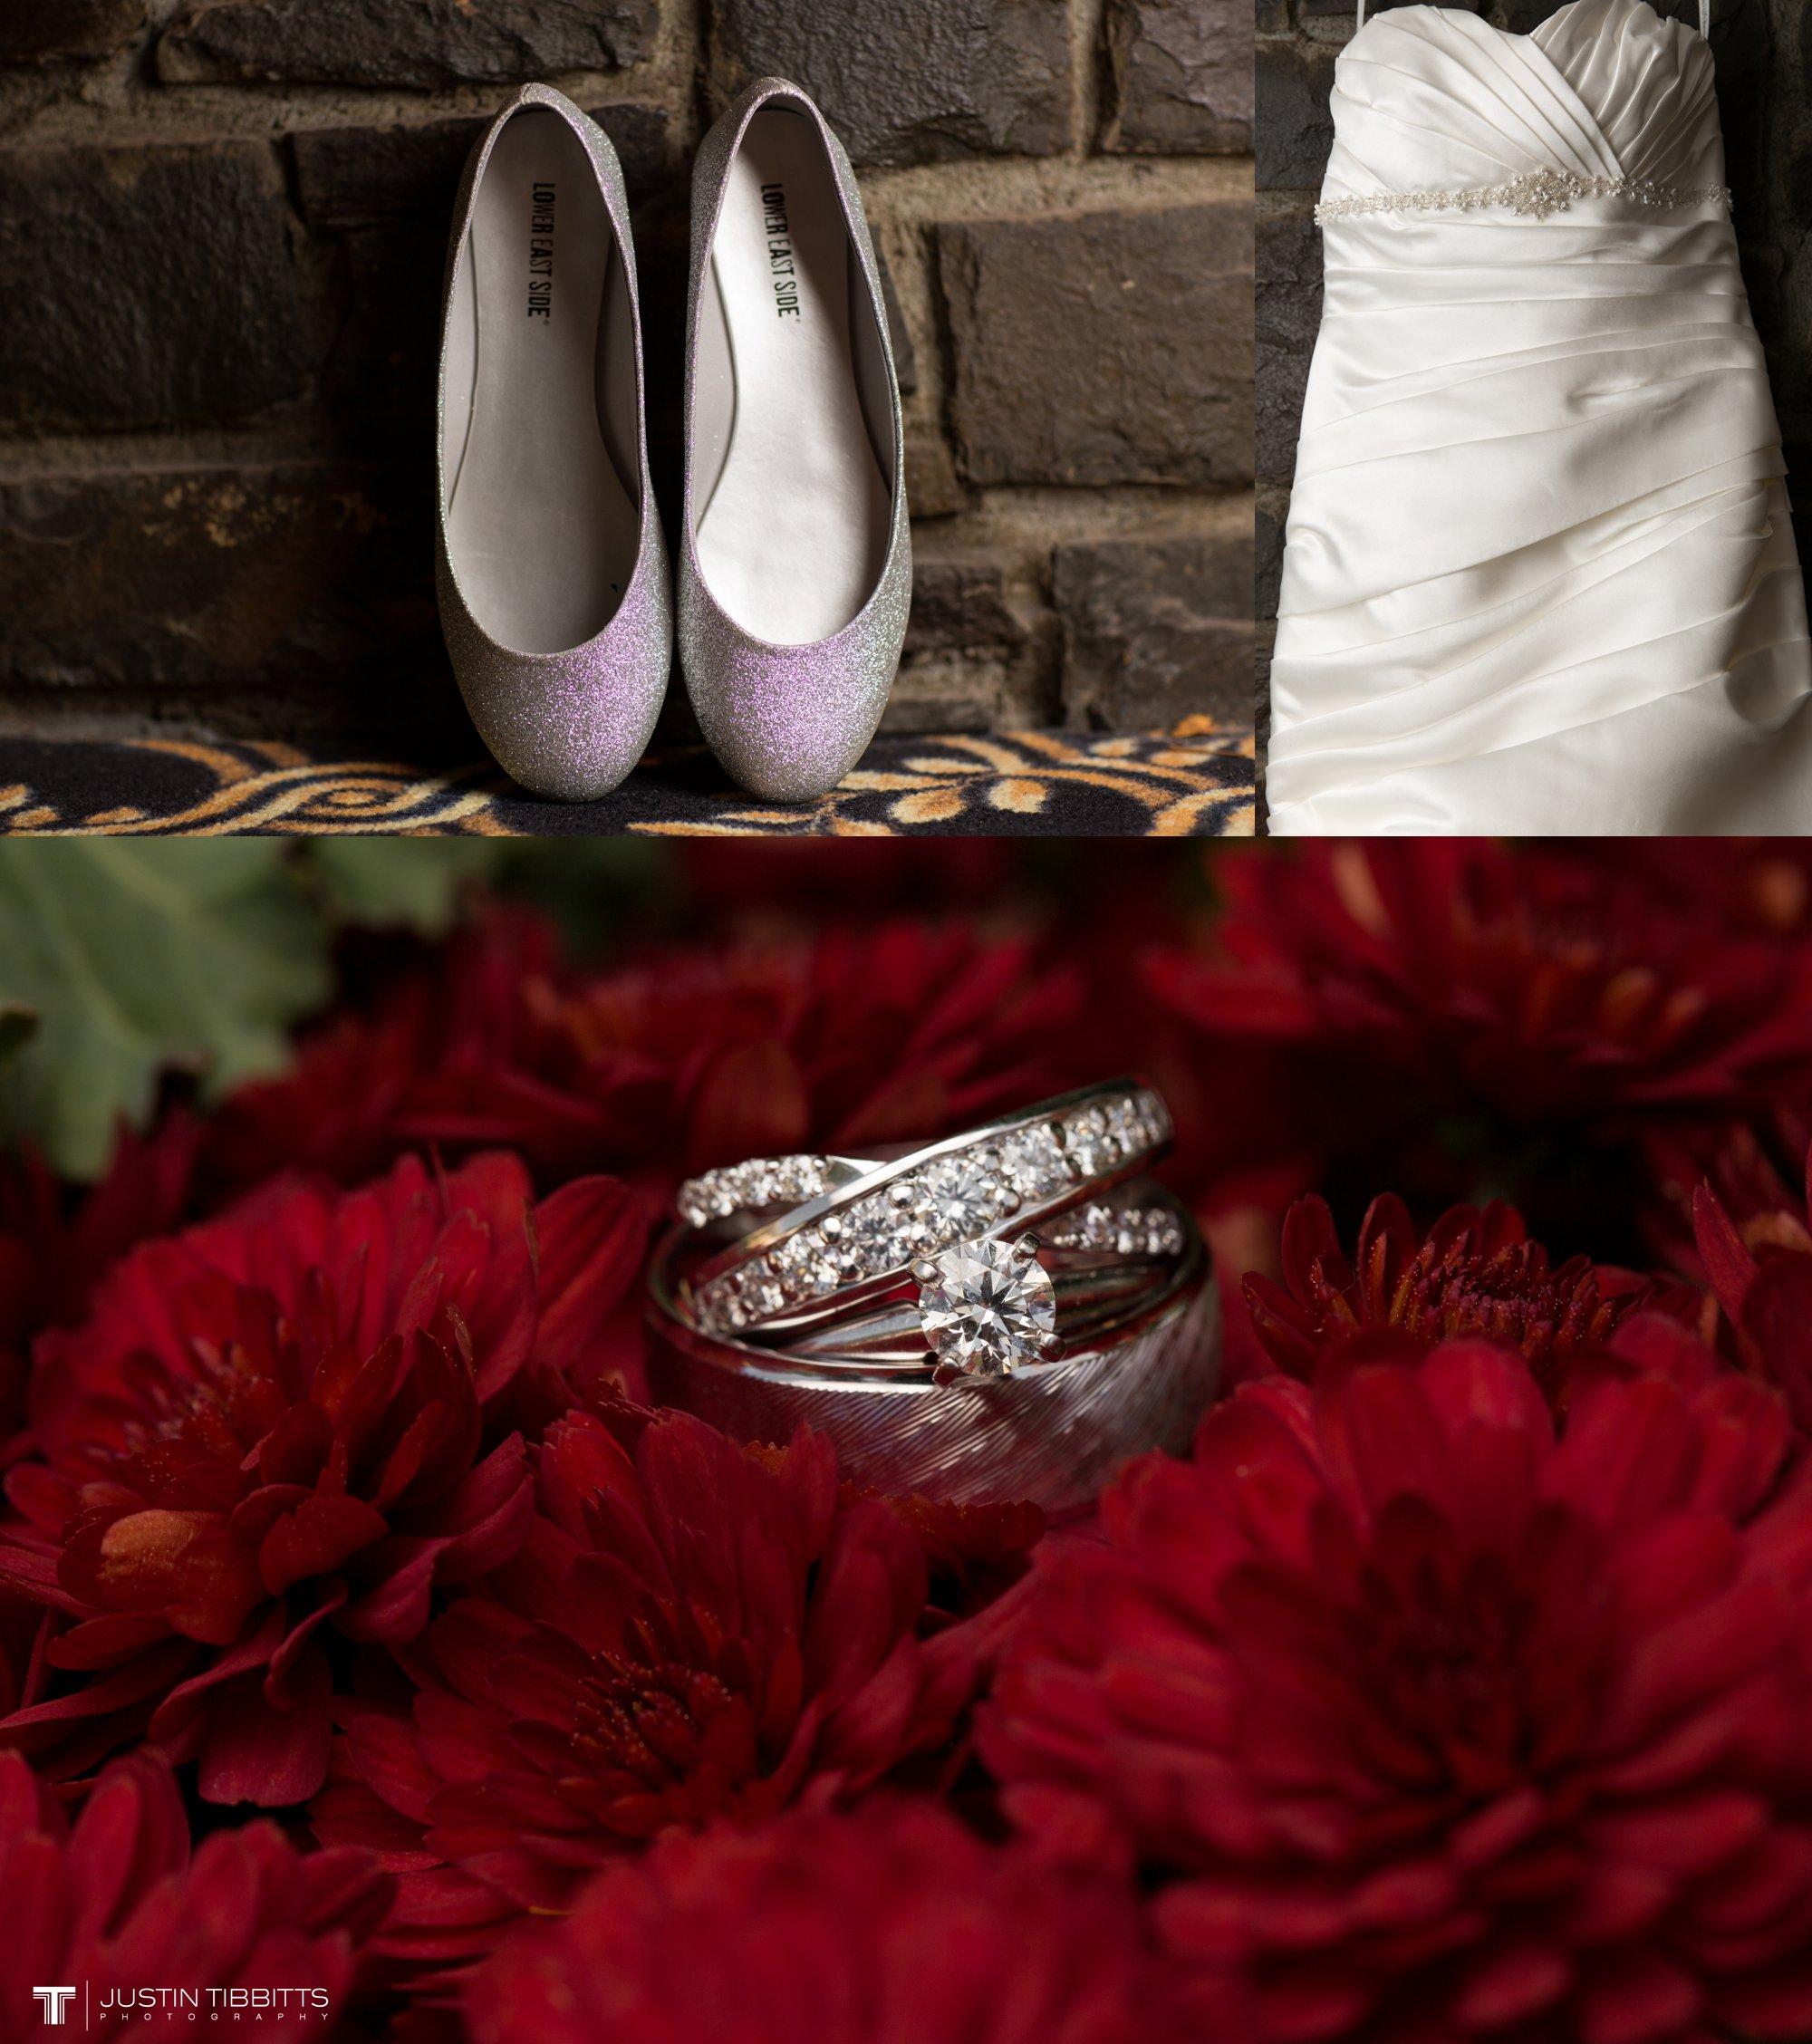 Albany NY Wedding Photographer Justin Tibbitts Photography 2014 Best of Albany NY Weddings-362826386983